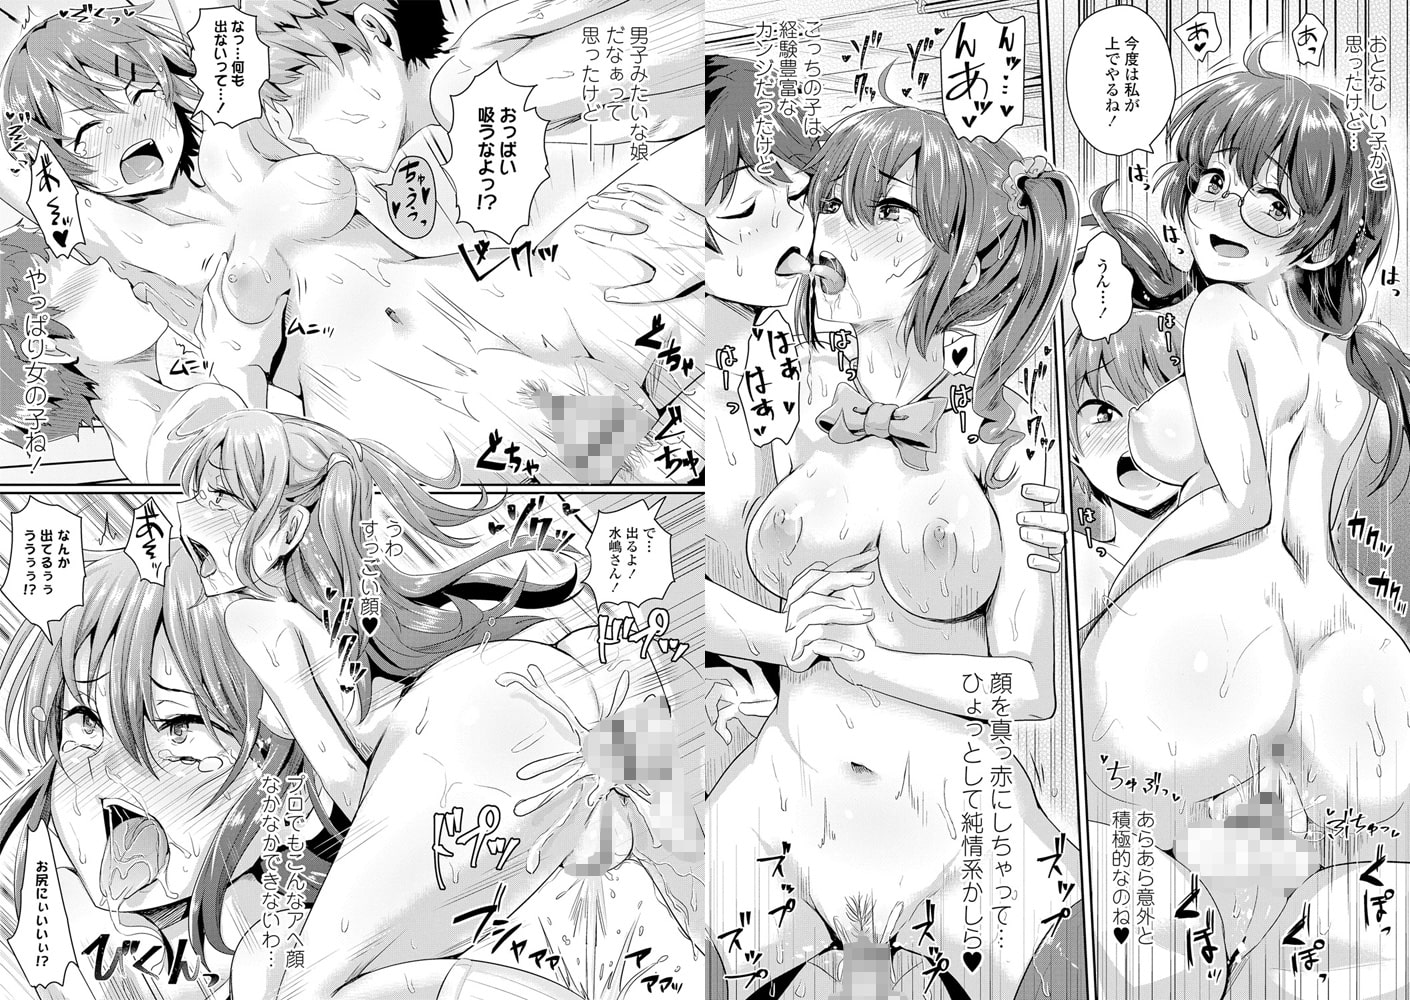 思春期まるだしっ!【DLsite限定特典付き】